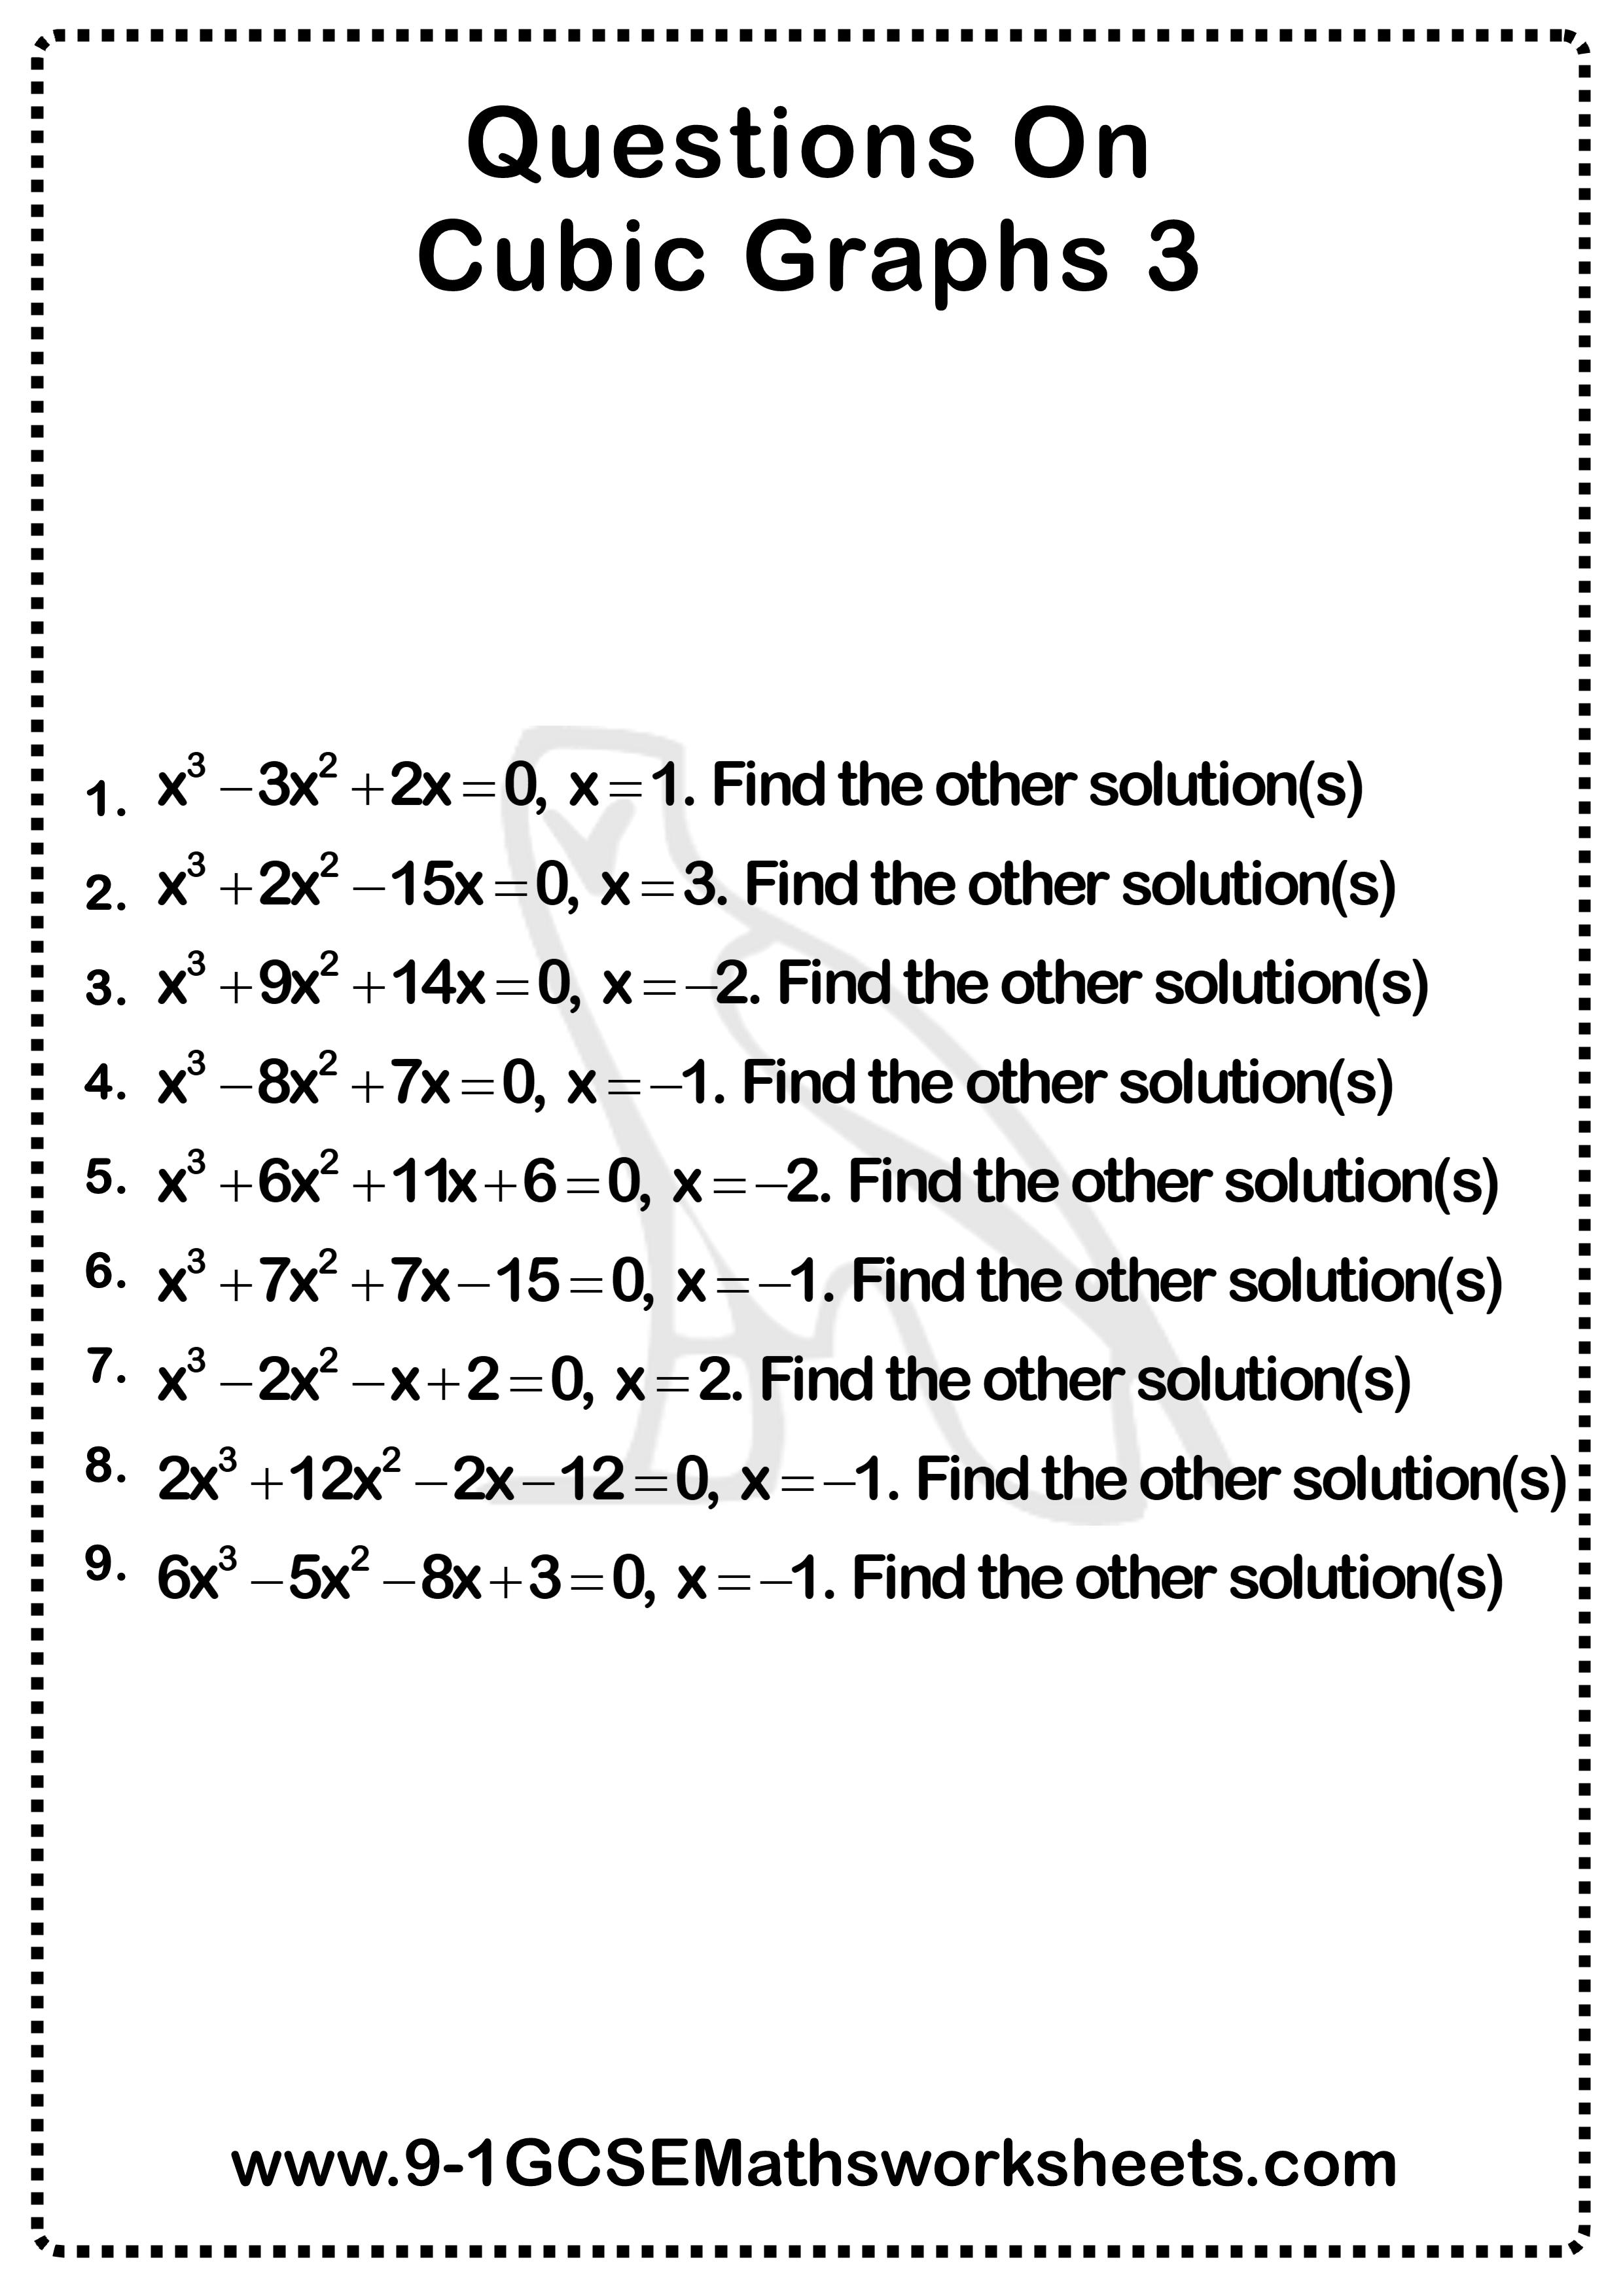 Cubic Graphs Questions 3